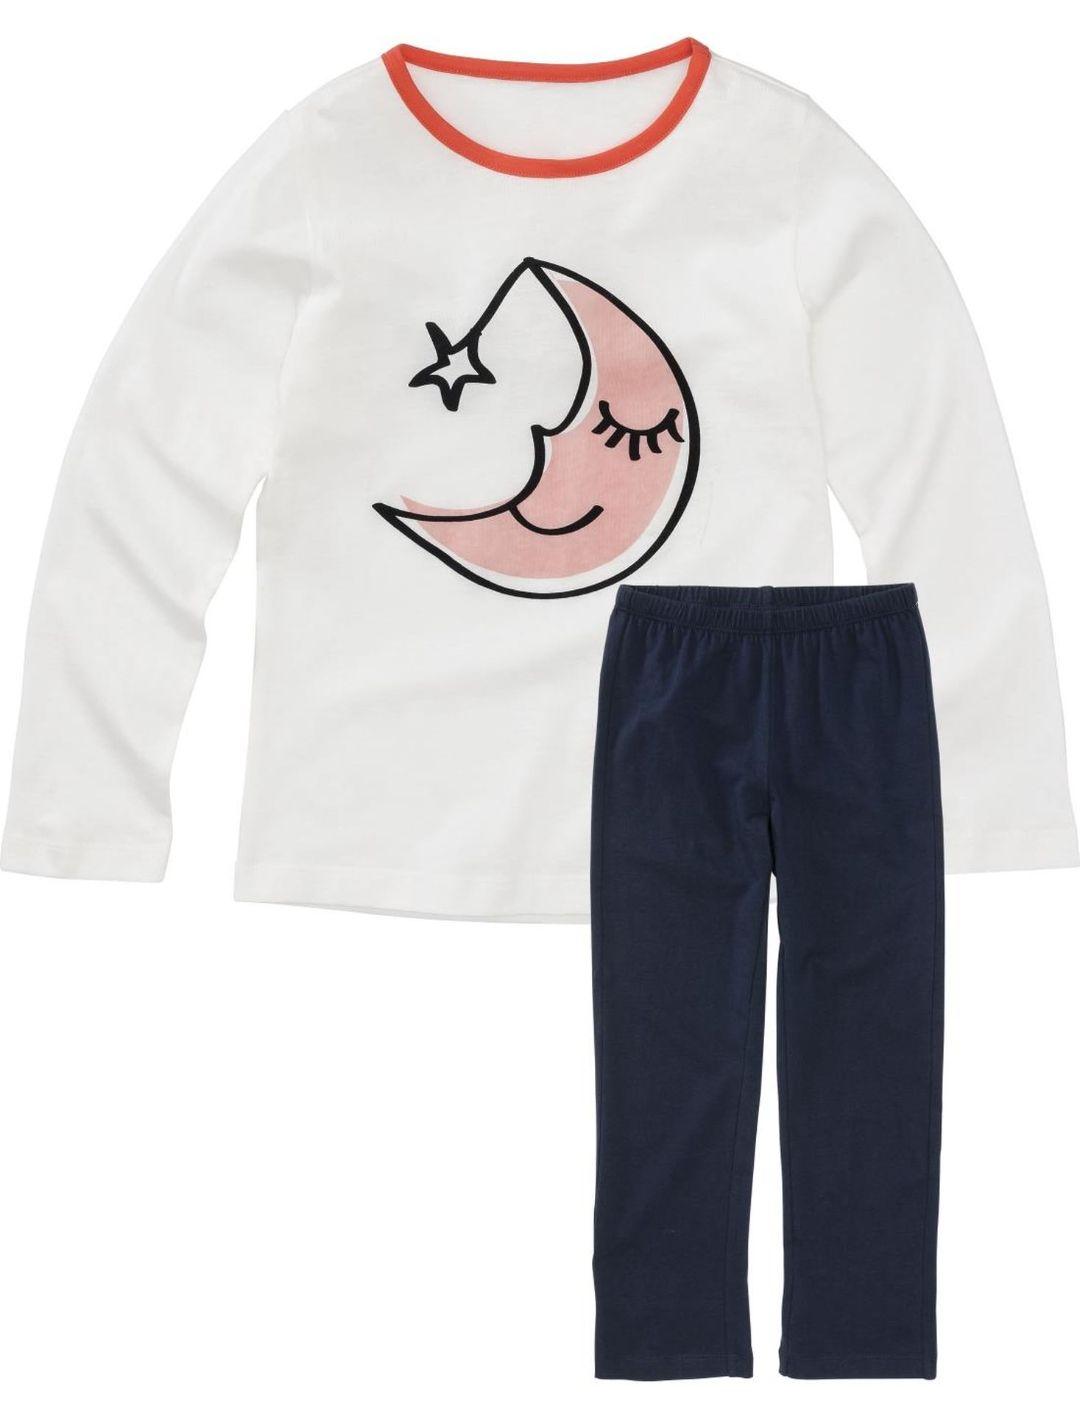 Kinderpyjama gebroken wit bij Hema